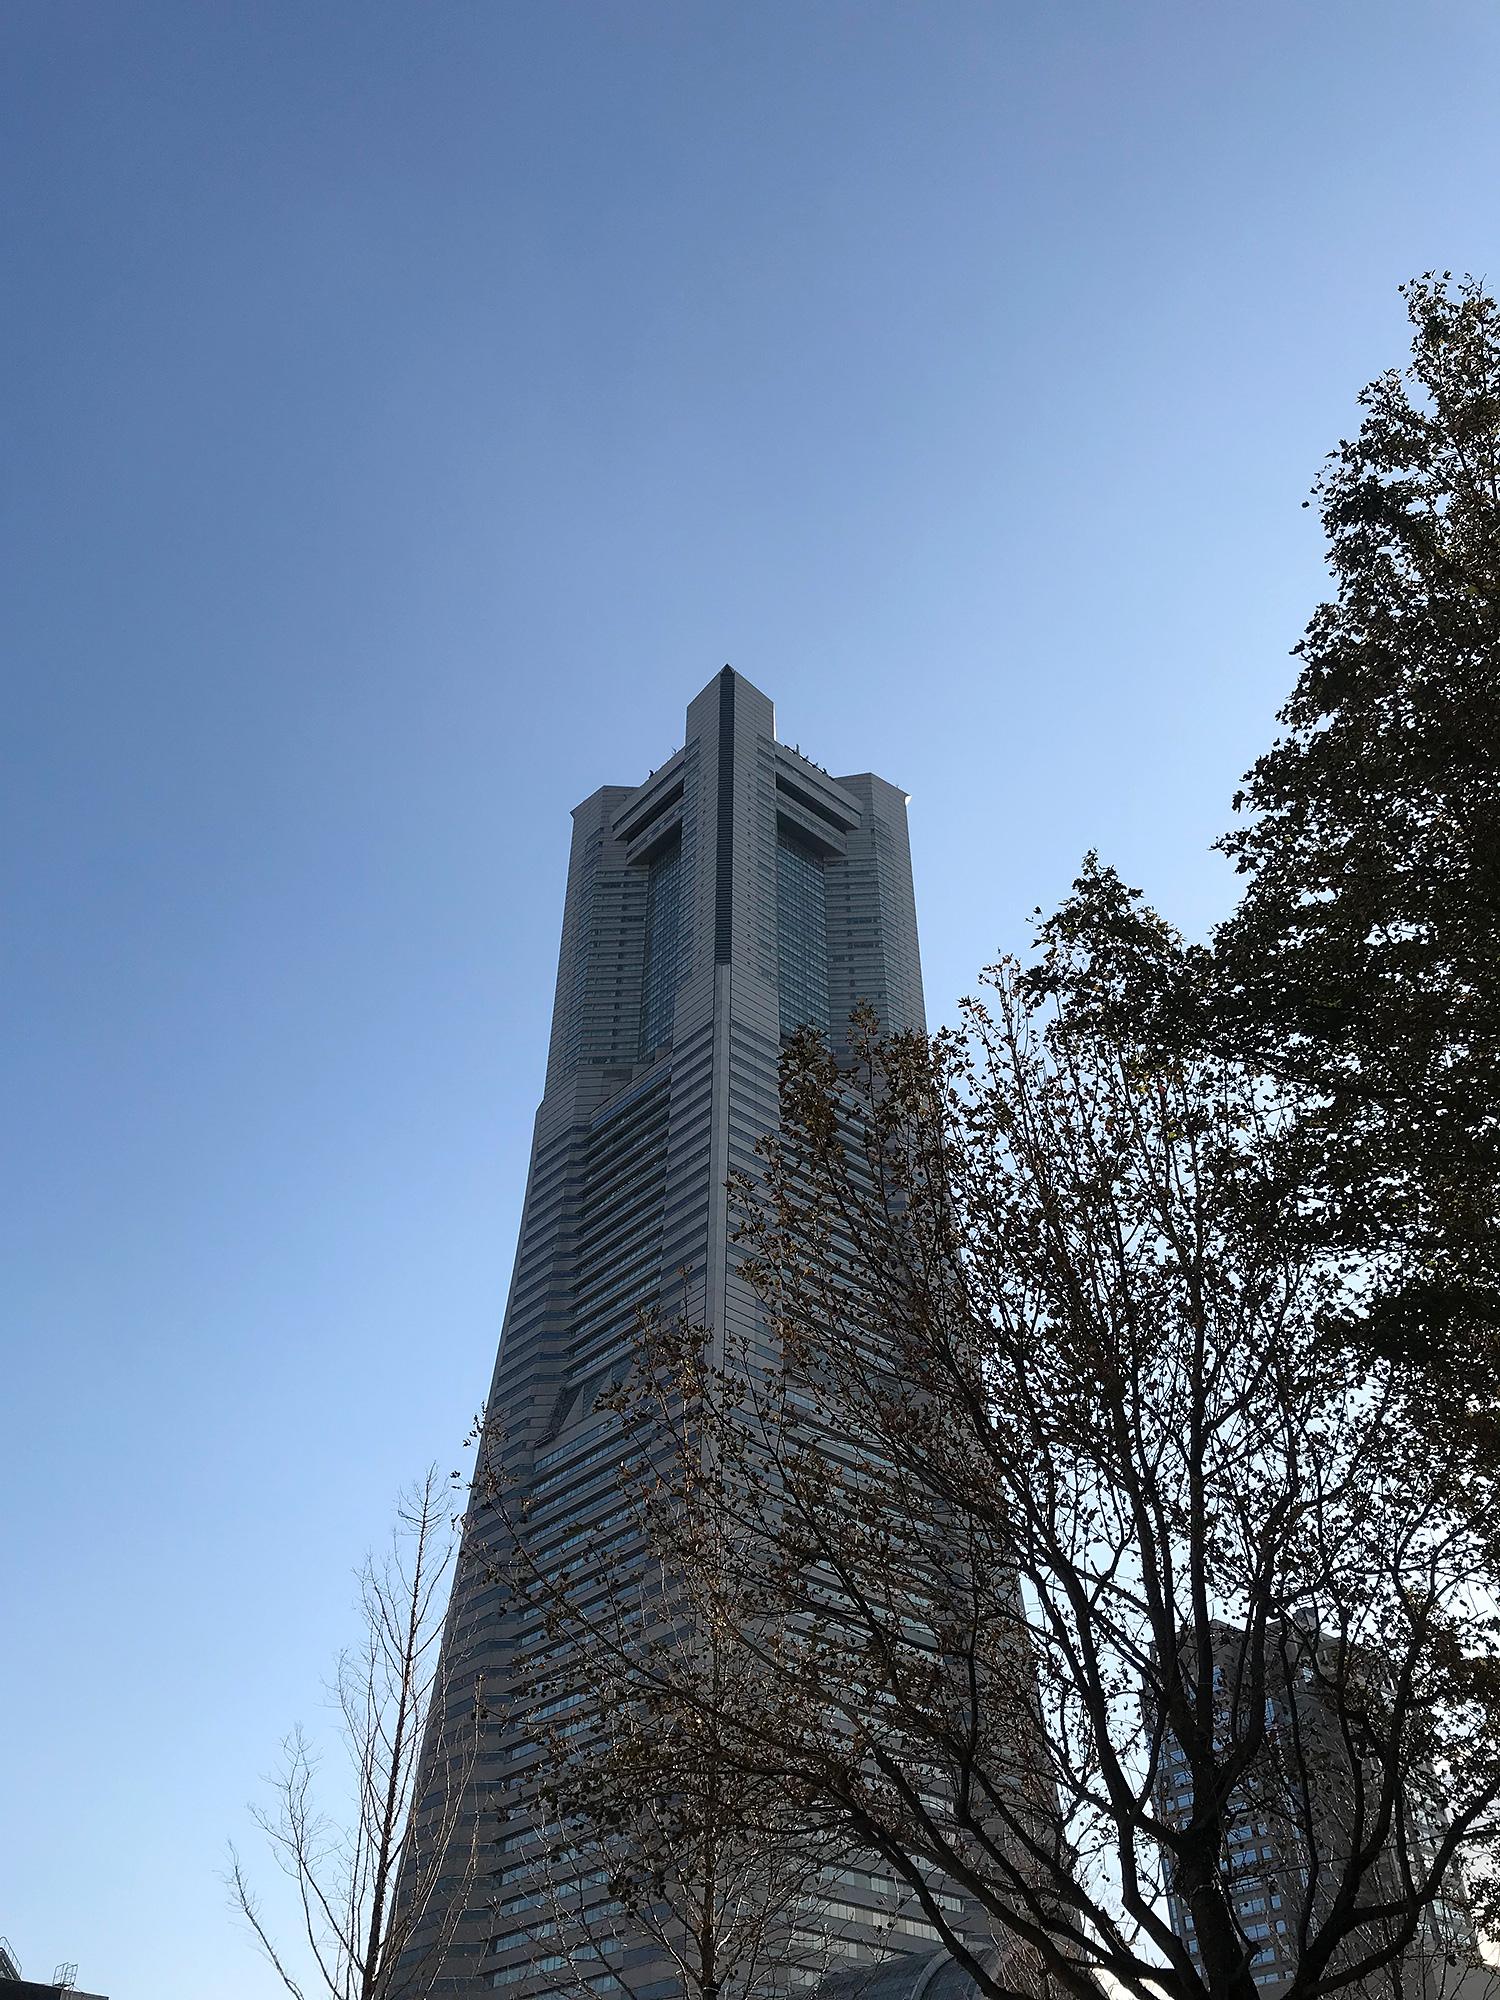 ランドマークタワーのフリーの画像素材